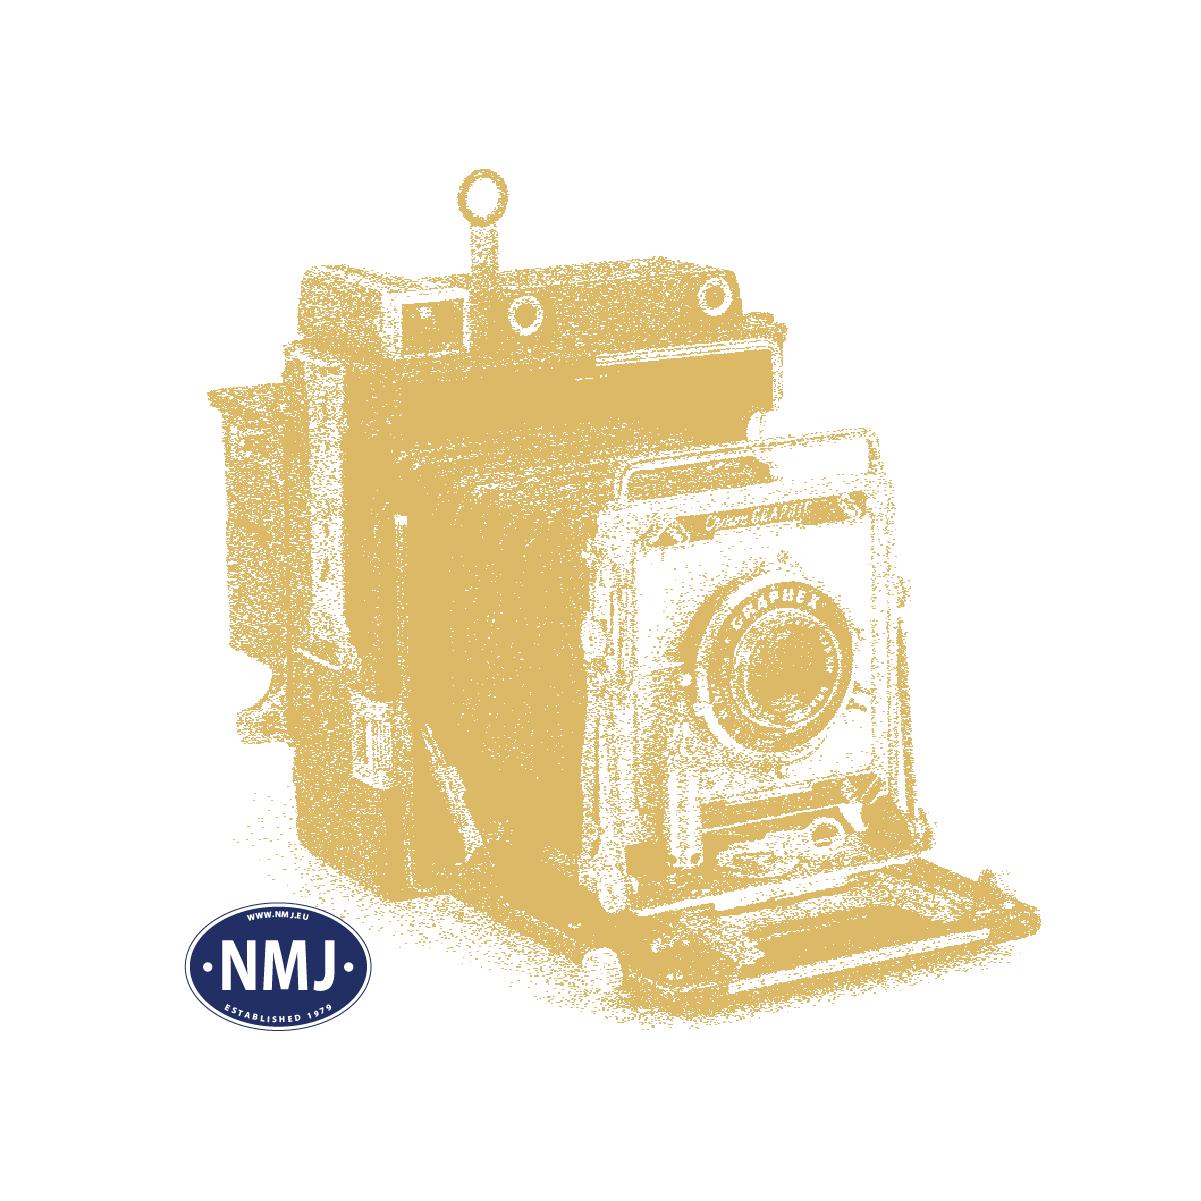 NMJ0TL4-2 - NMJ Superline Modell des Rungenwagens Tl4 60227 der NSB, m/ Seiten- und Stirnwänden Spur 0